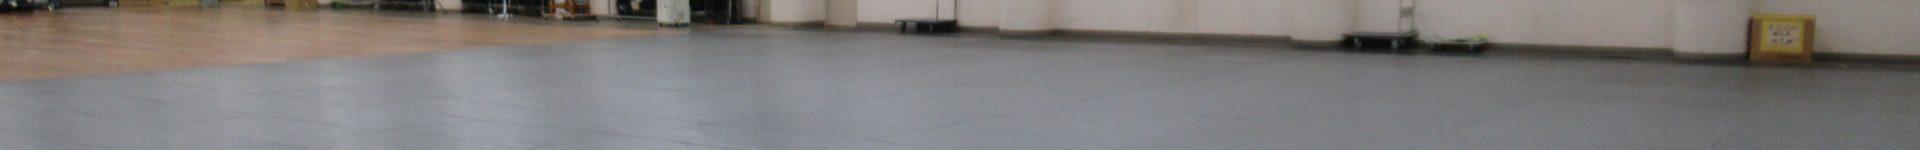 クボタ体育館